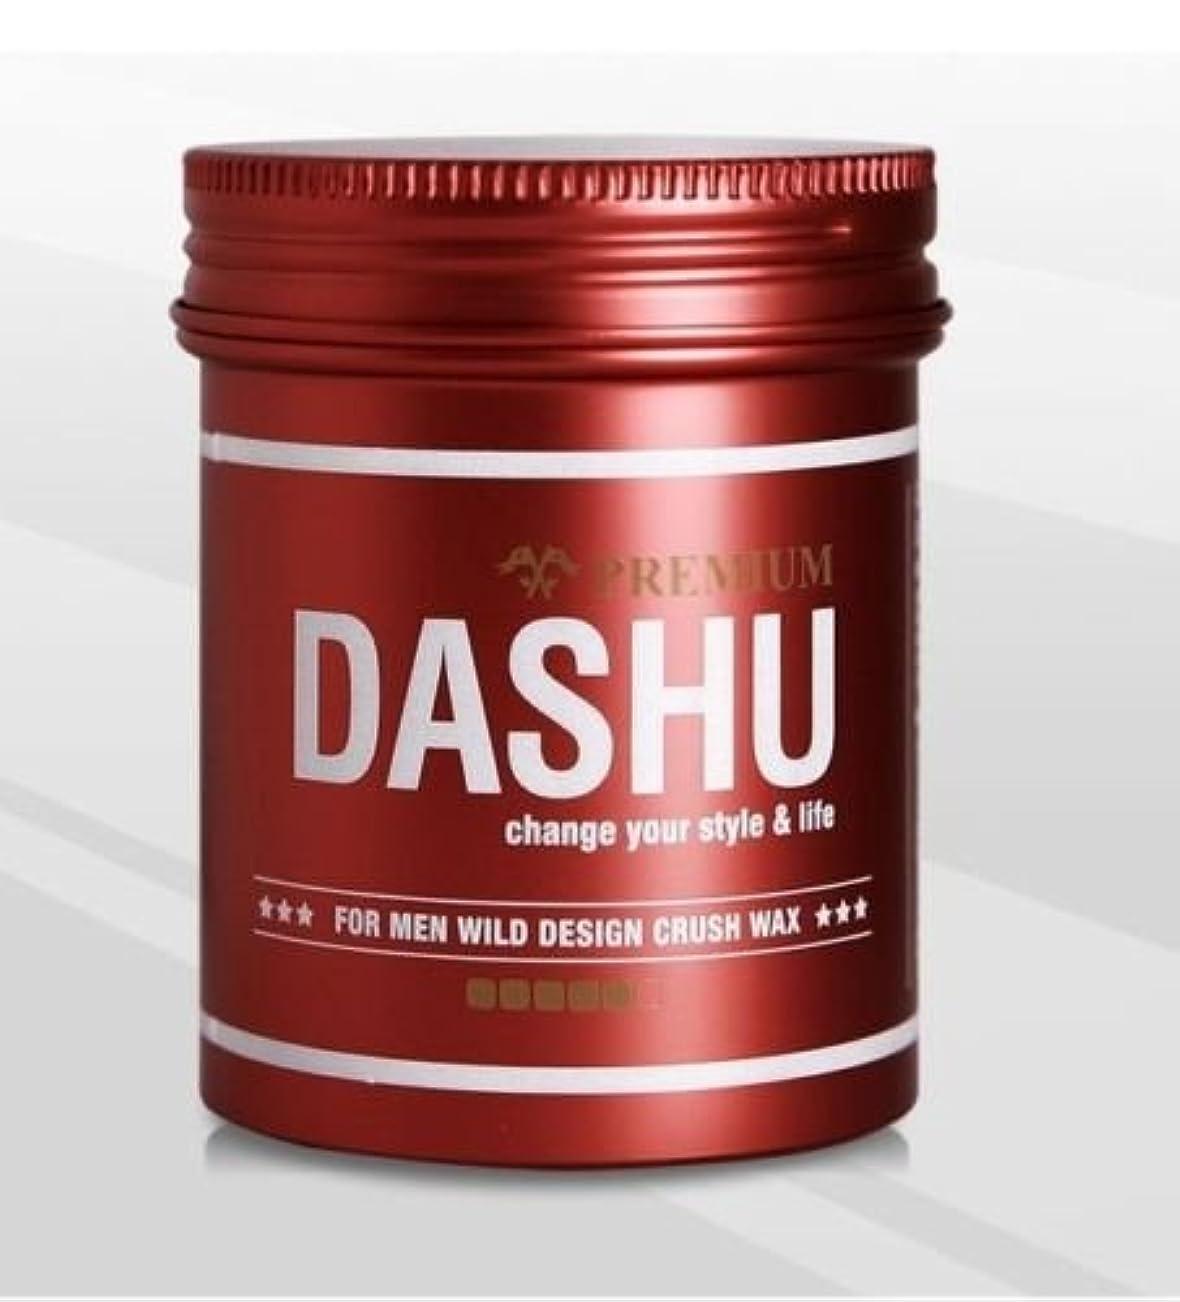 専門知識あいさつ右[DASHU] ダシュ For Men男性用 プレミアムワイルドデザインクラッシュワックス Premium Wild Design Crush Hair Wax 100ml / 韓国製 . 韓国直送品